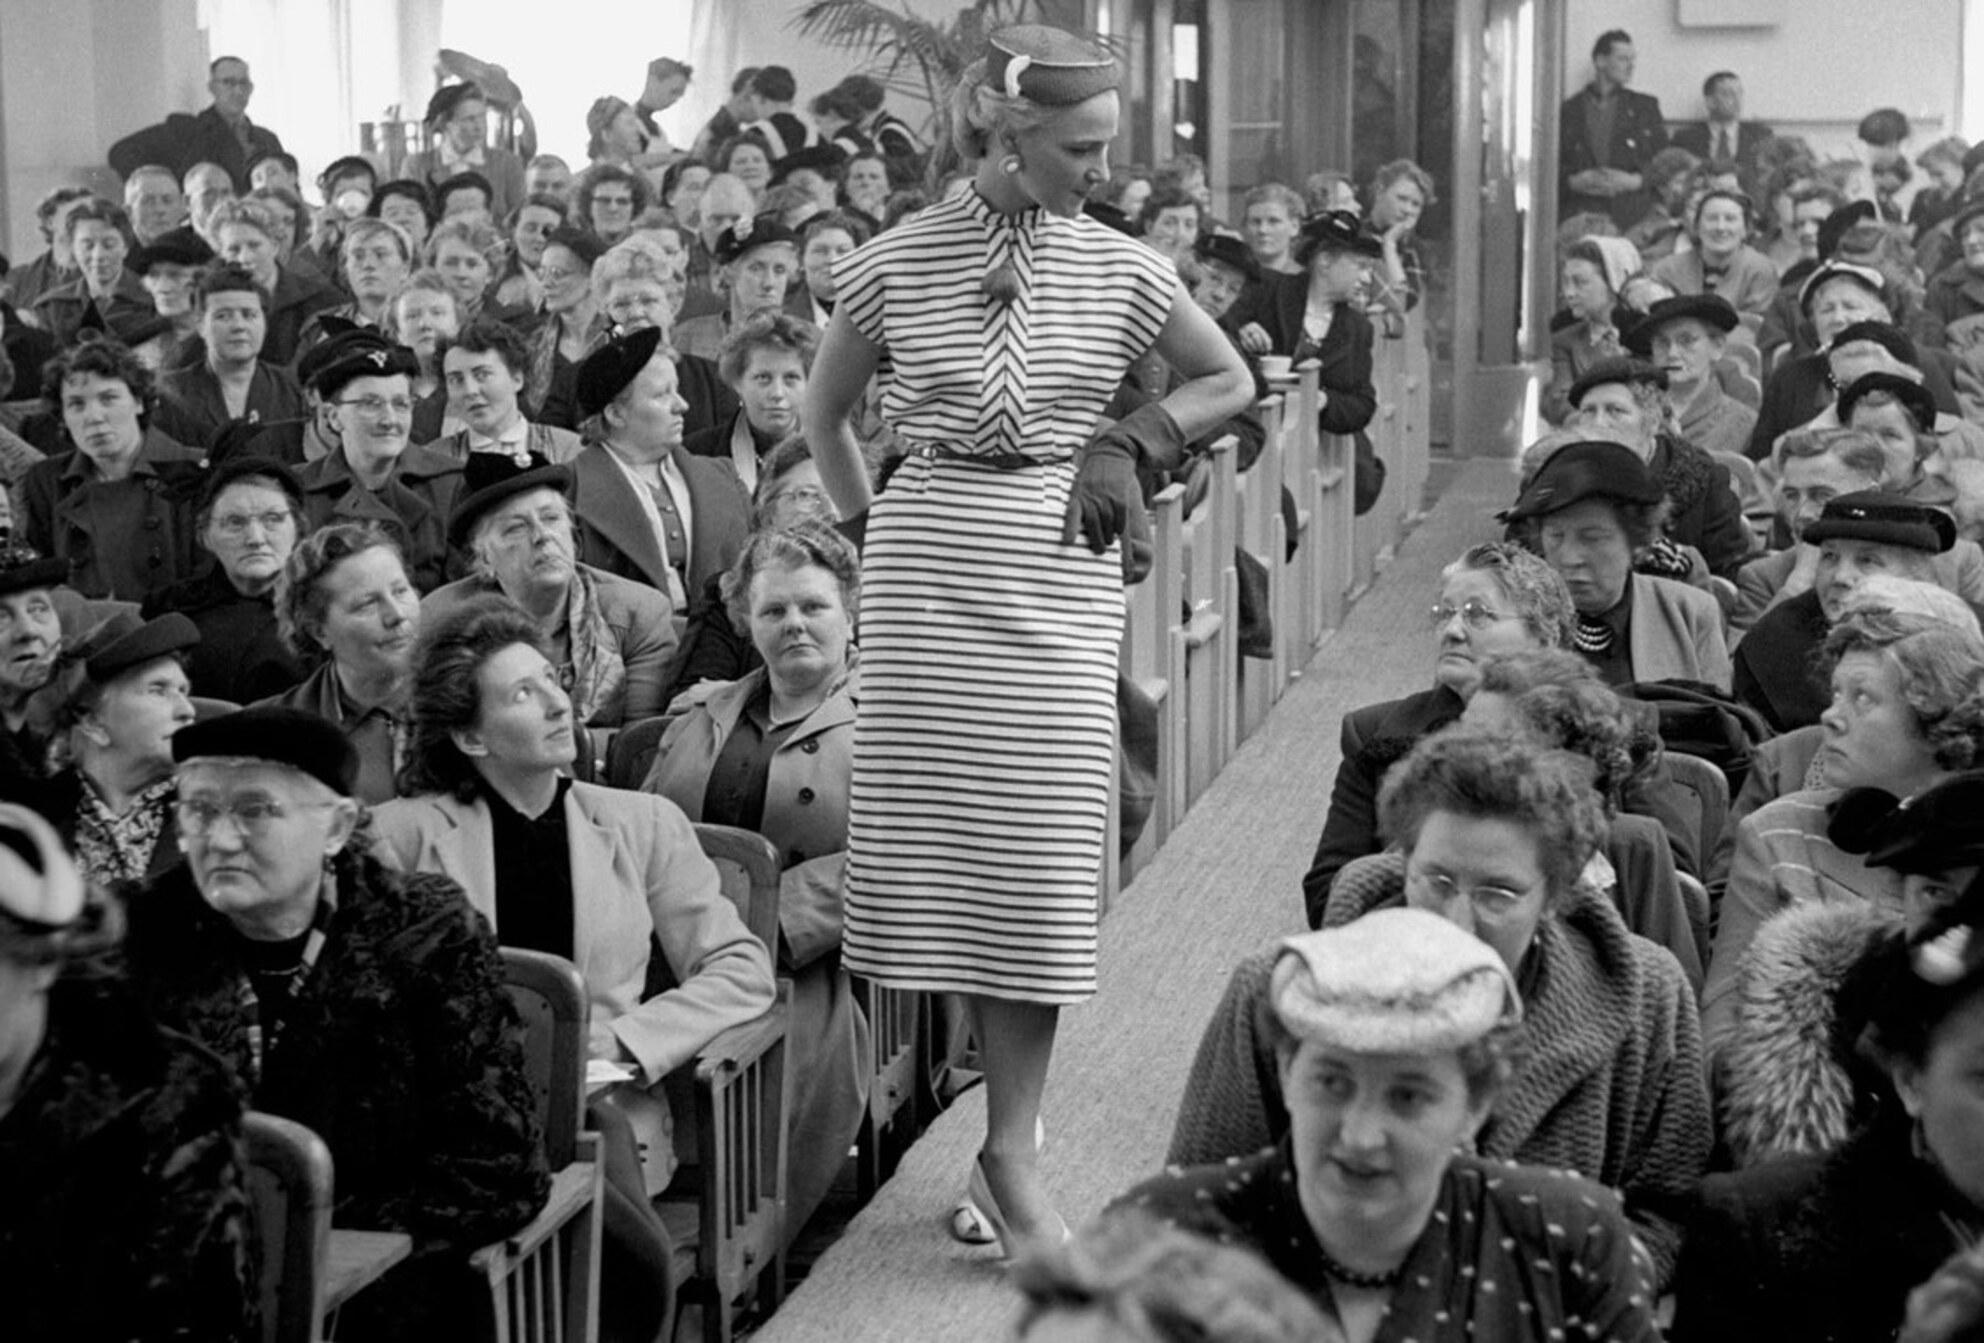 modeshow - febr. 1955; modeshow Fotograaf; Harry Bedijs Copyright; Stichting Foto Bedijs - foto door Bedijs op 30-01-2017 - deze foto bevat: mode